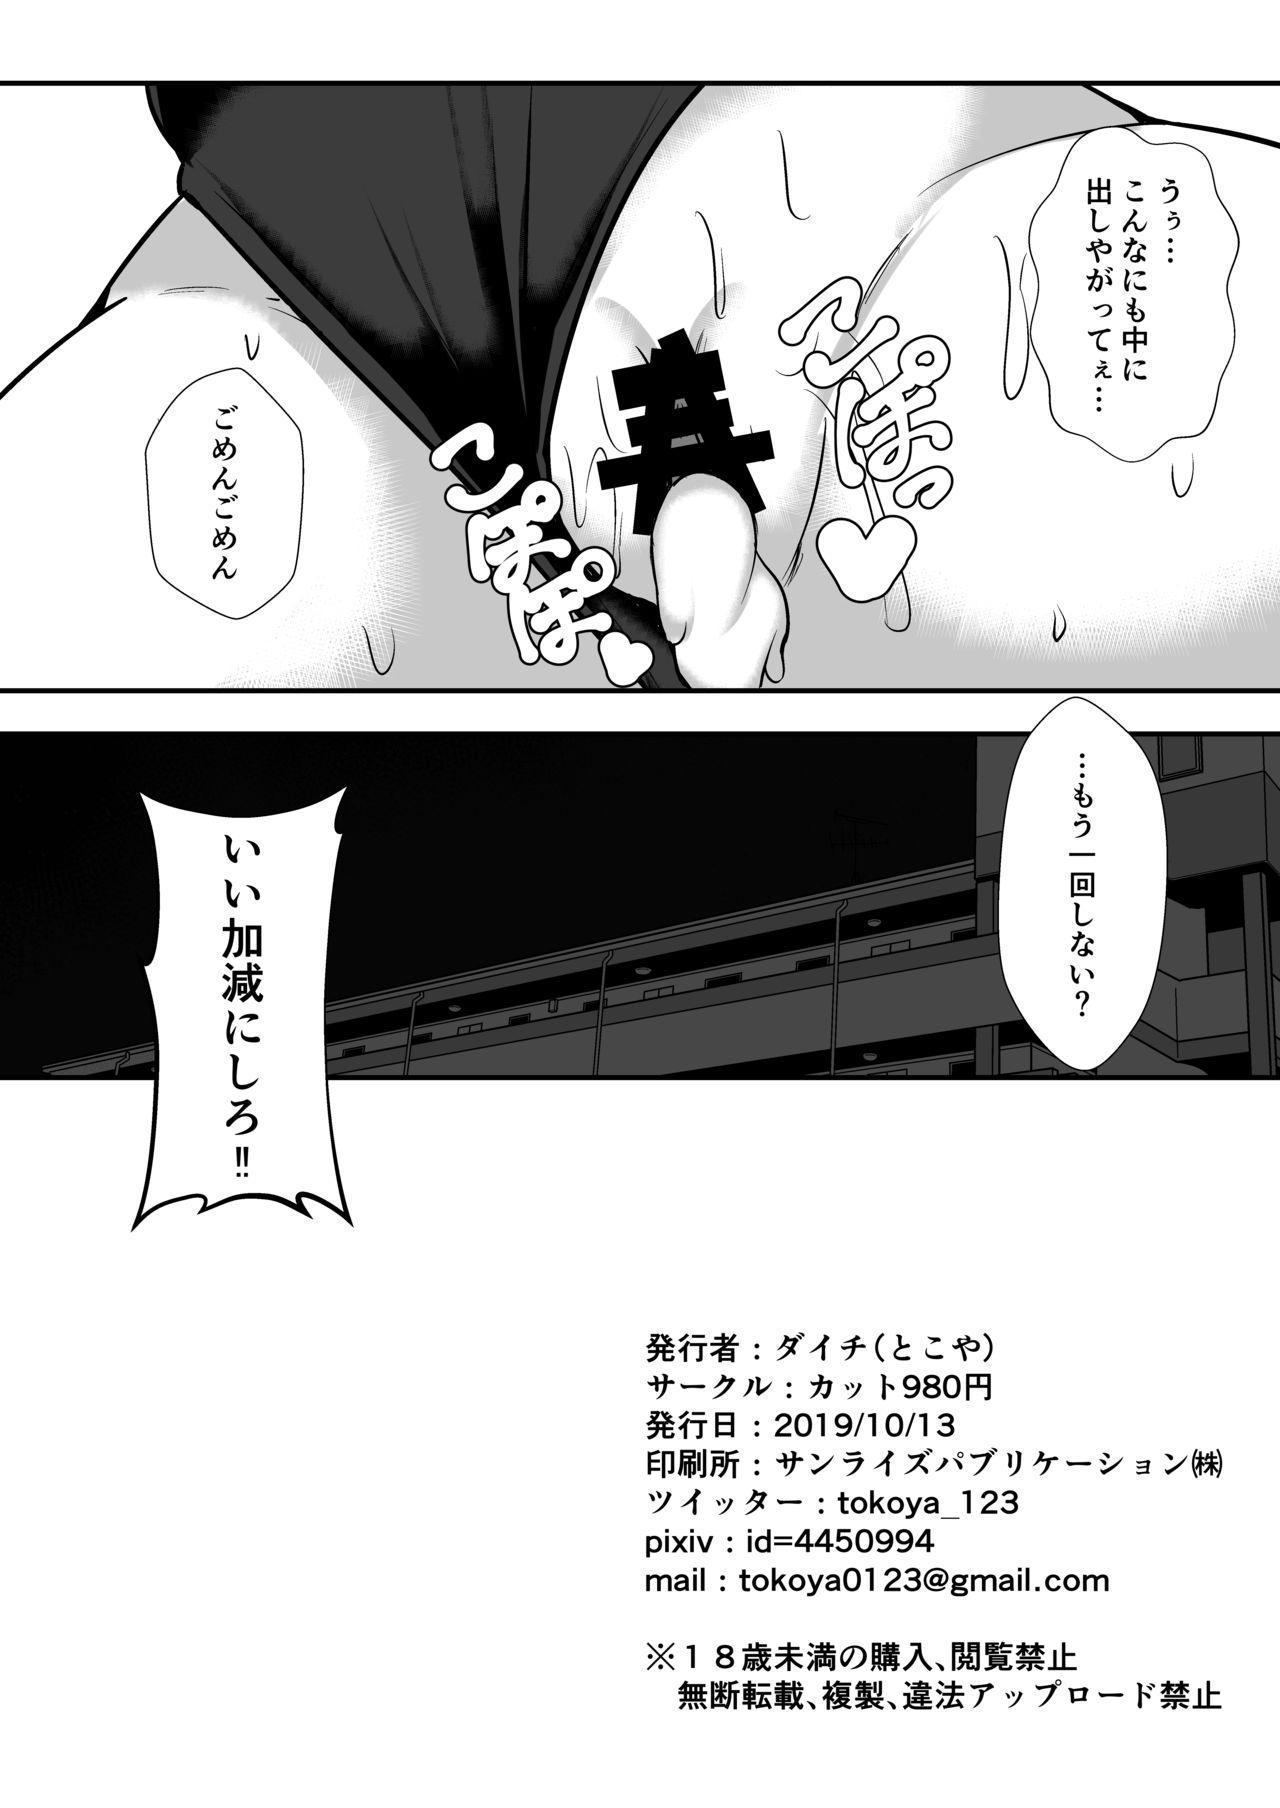 Daiyoukai wa Choro Kawaii! 20